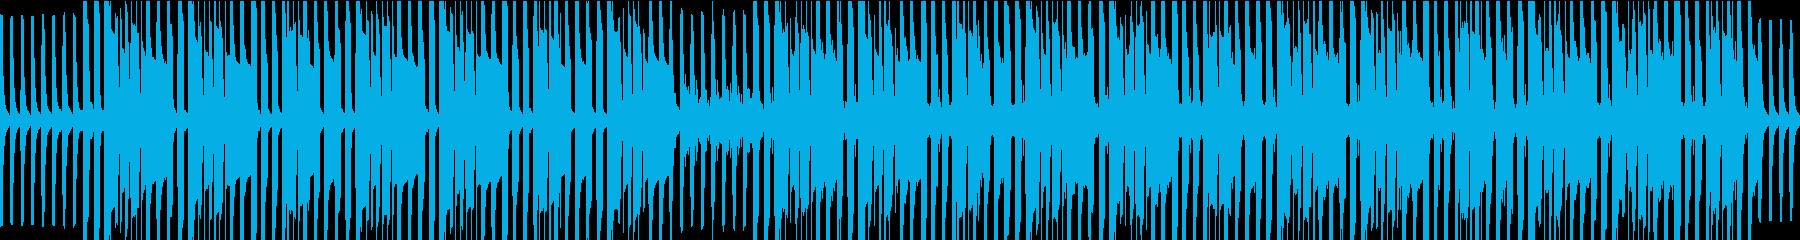 探偵、バスドラ四つ打ちループ音源の再生済みの波形